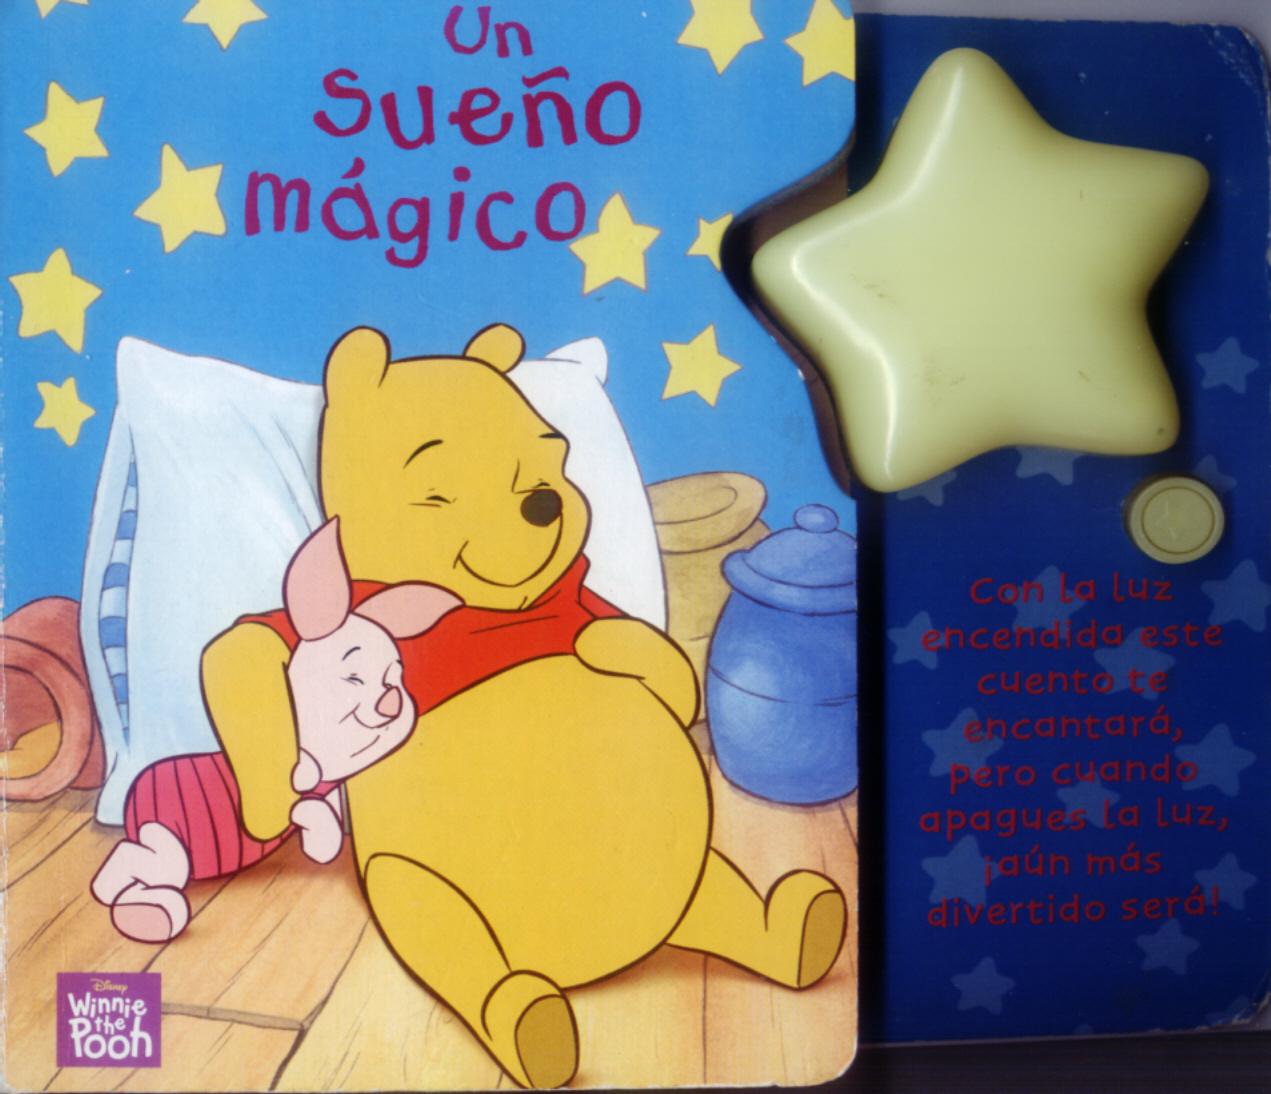 Un sueño mágico